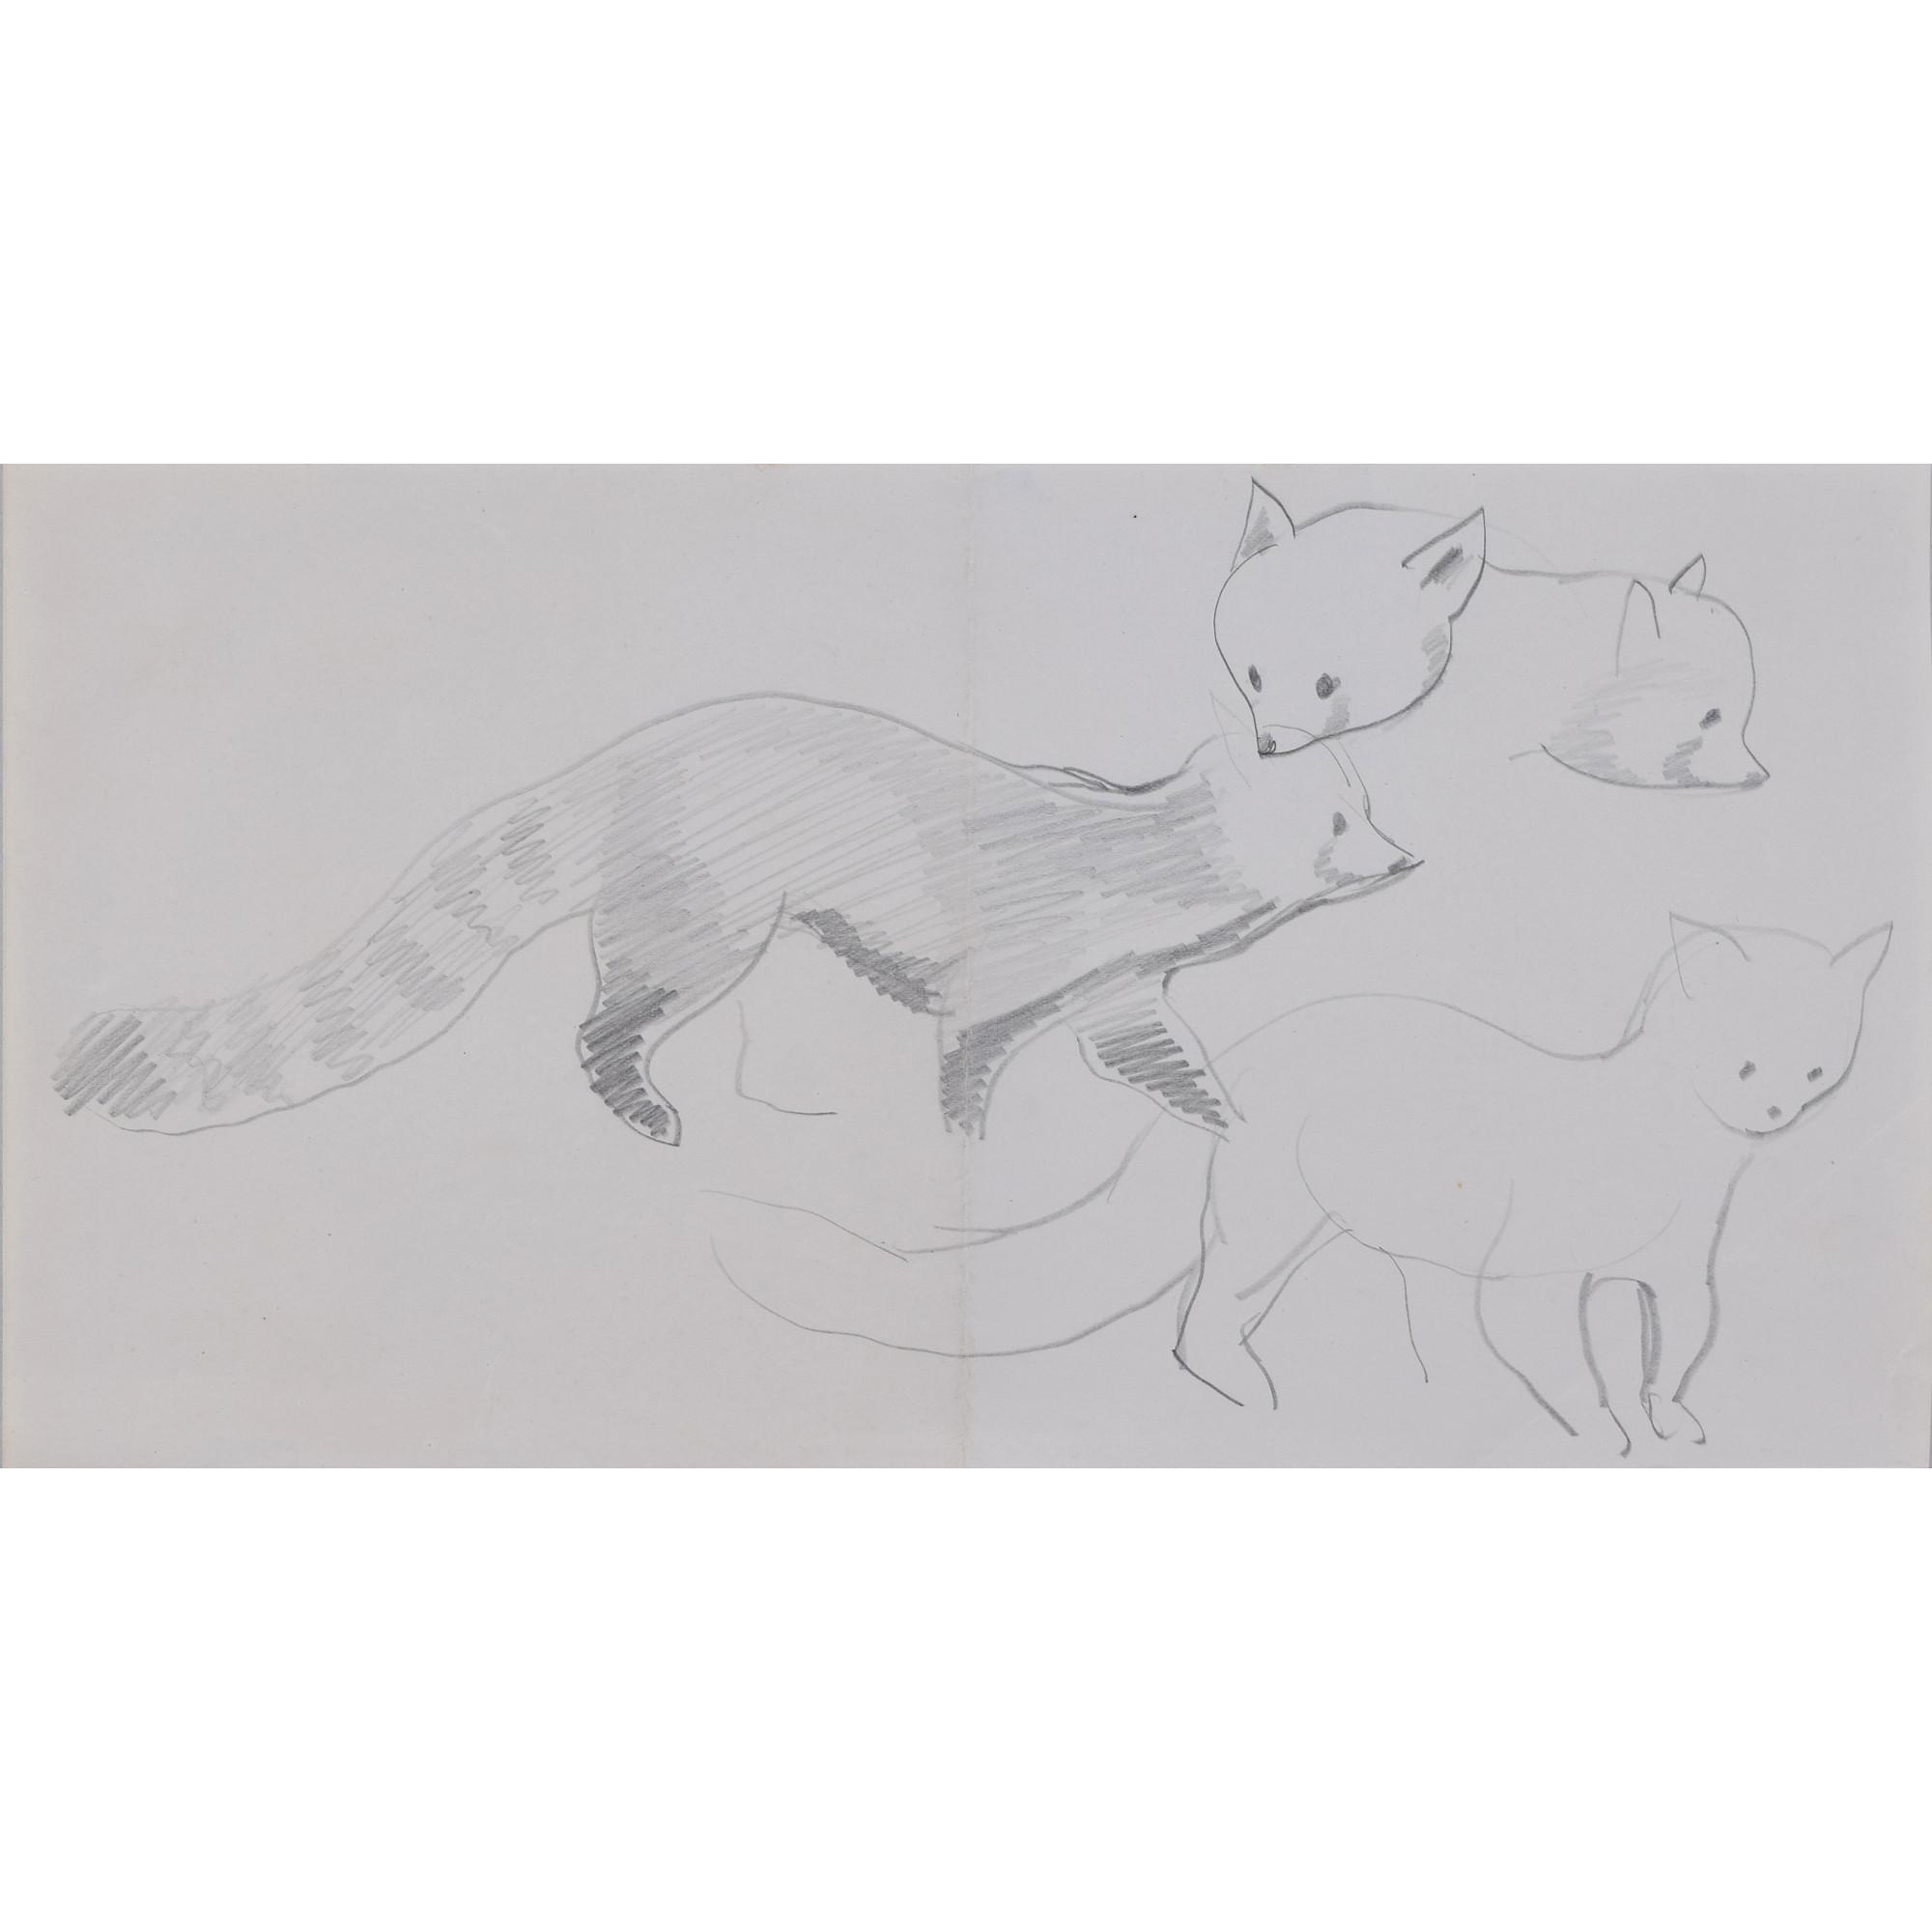 Clifford Ellis Chico Red Panda pencil sketch